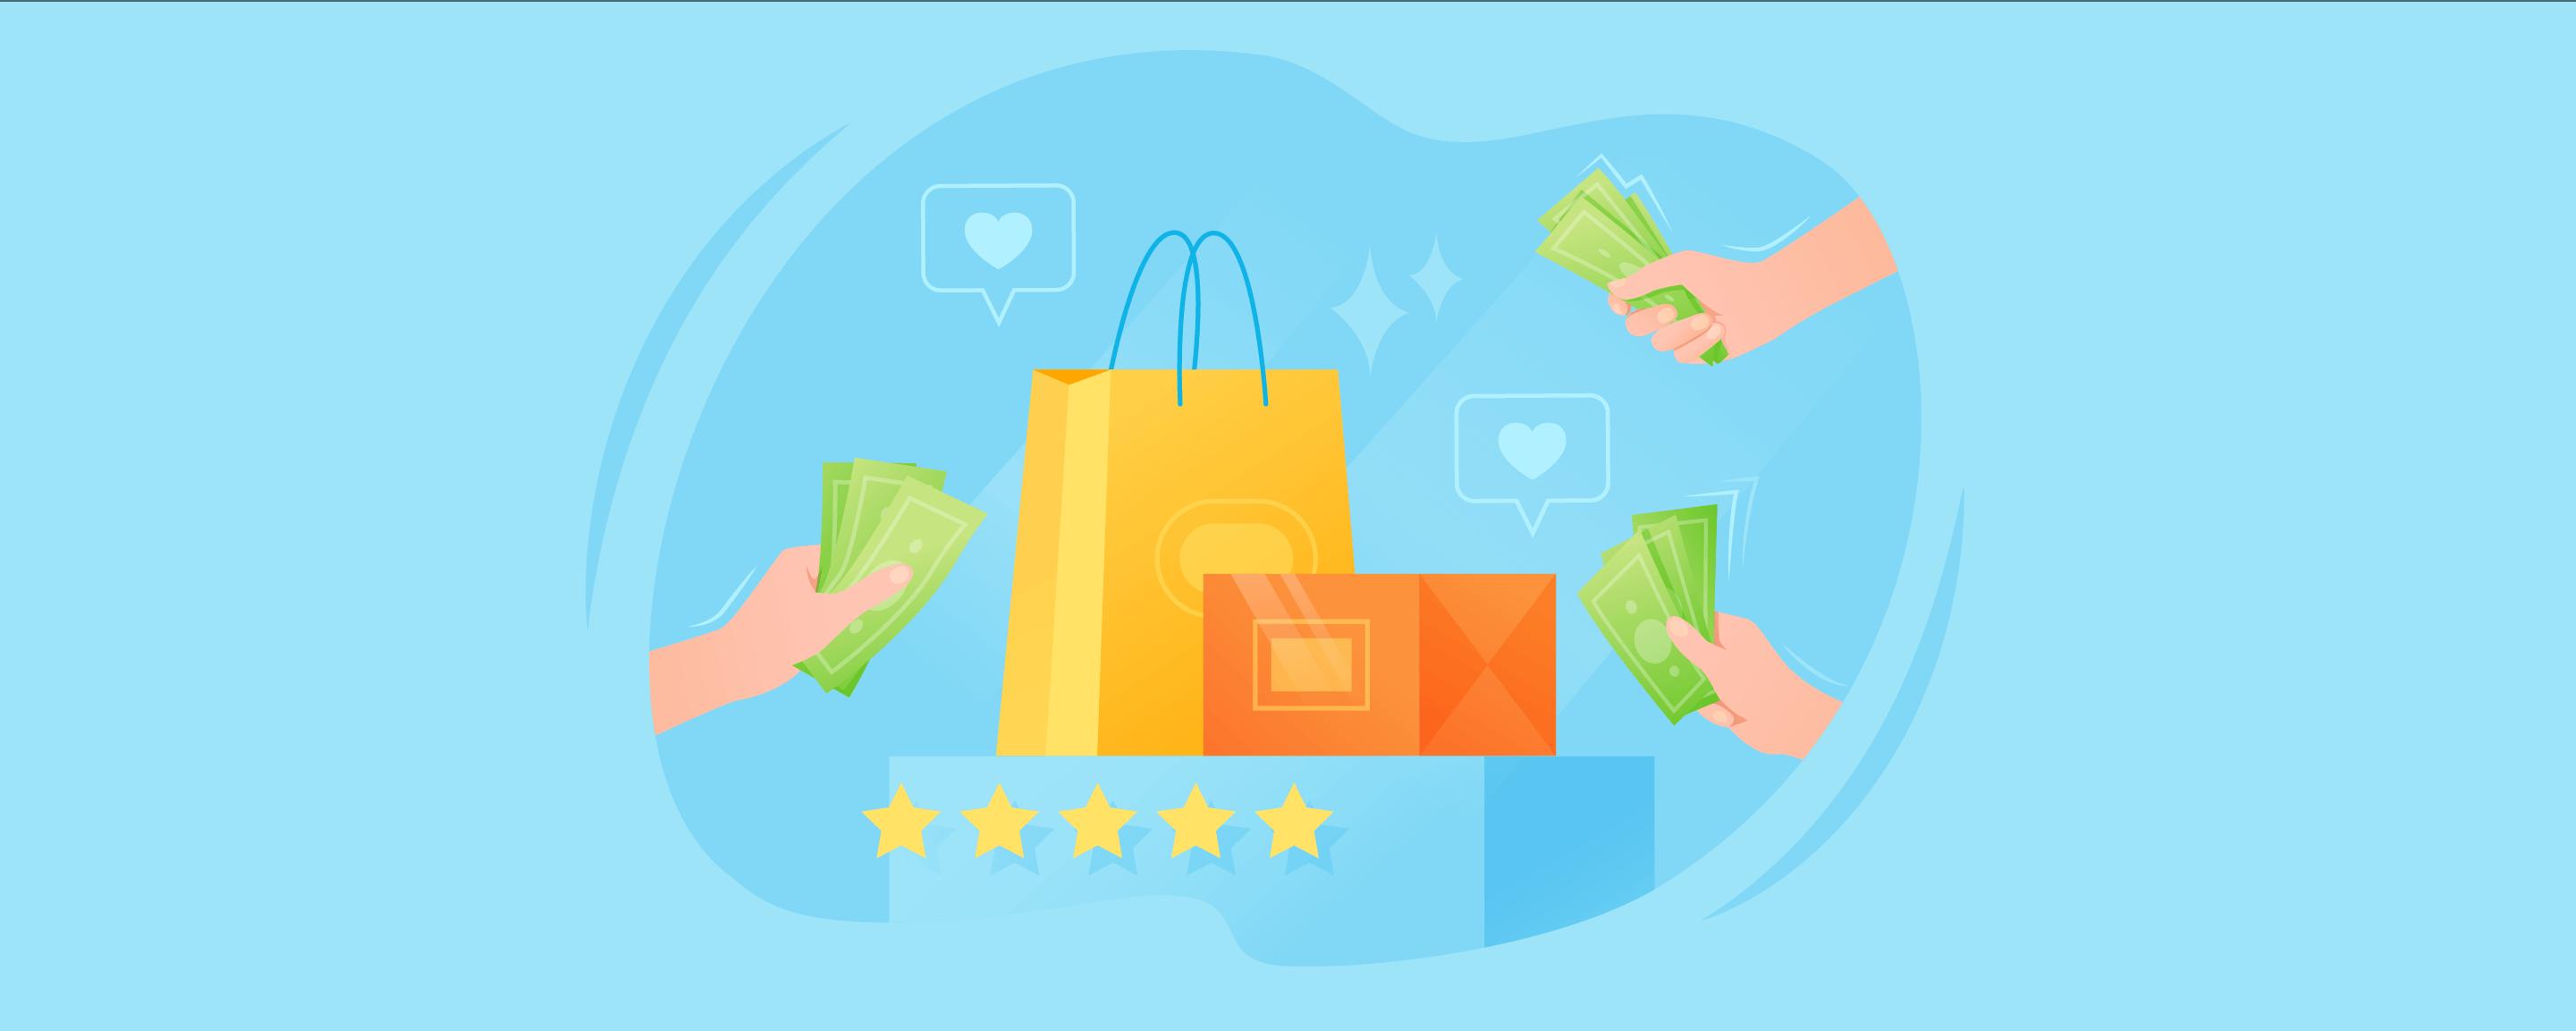 18 трендовых товаров, которые легко начать продавать: обновление 2020 года